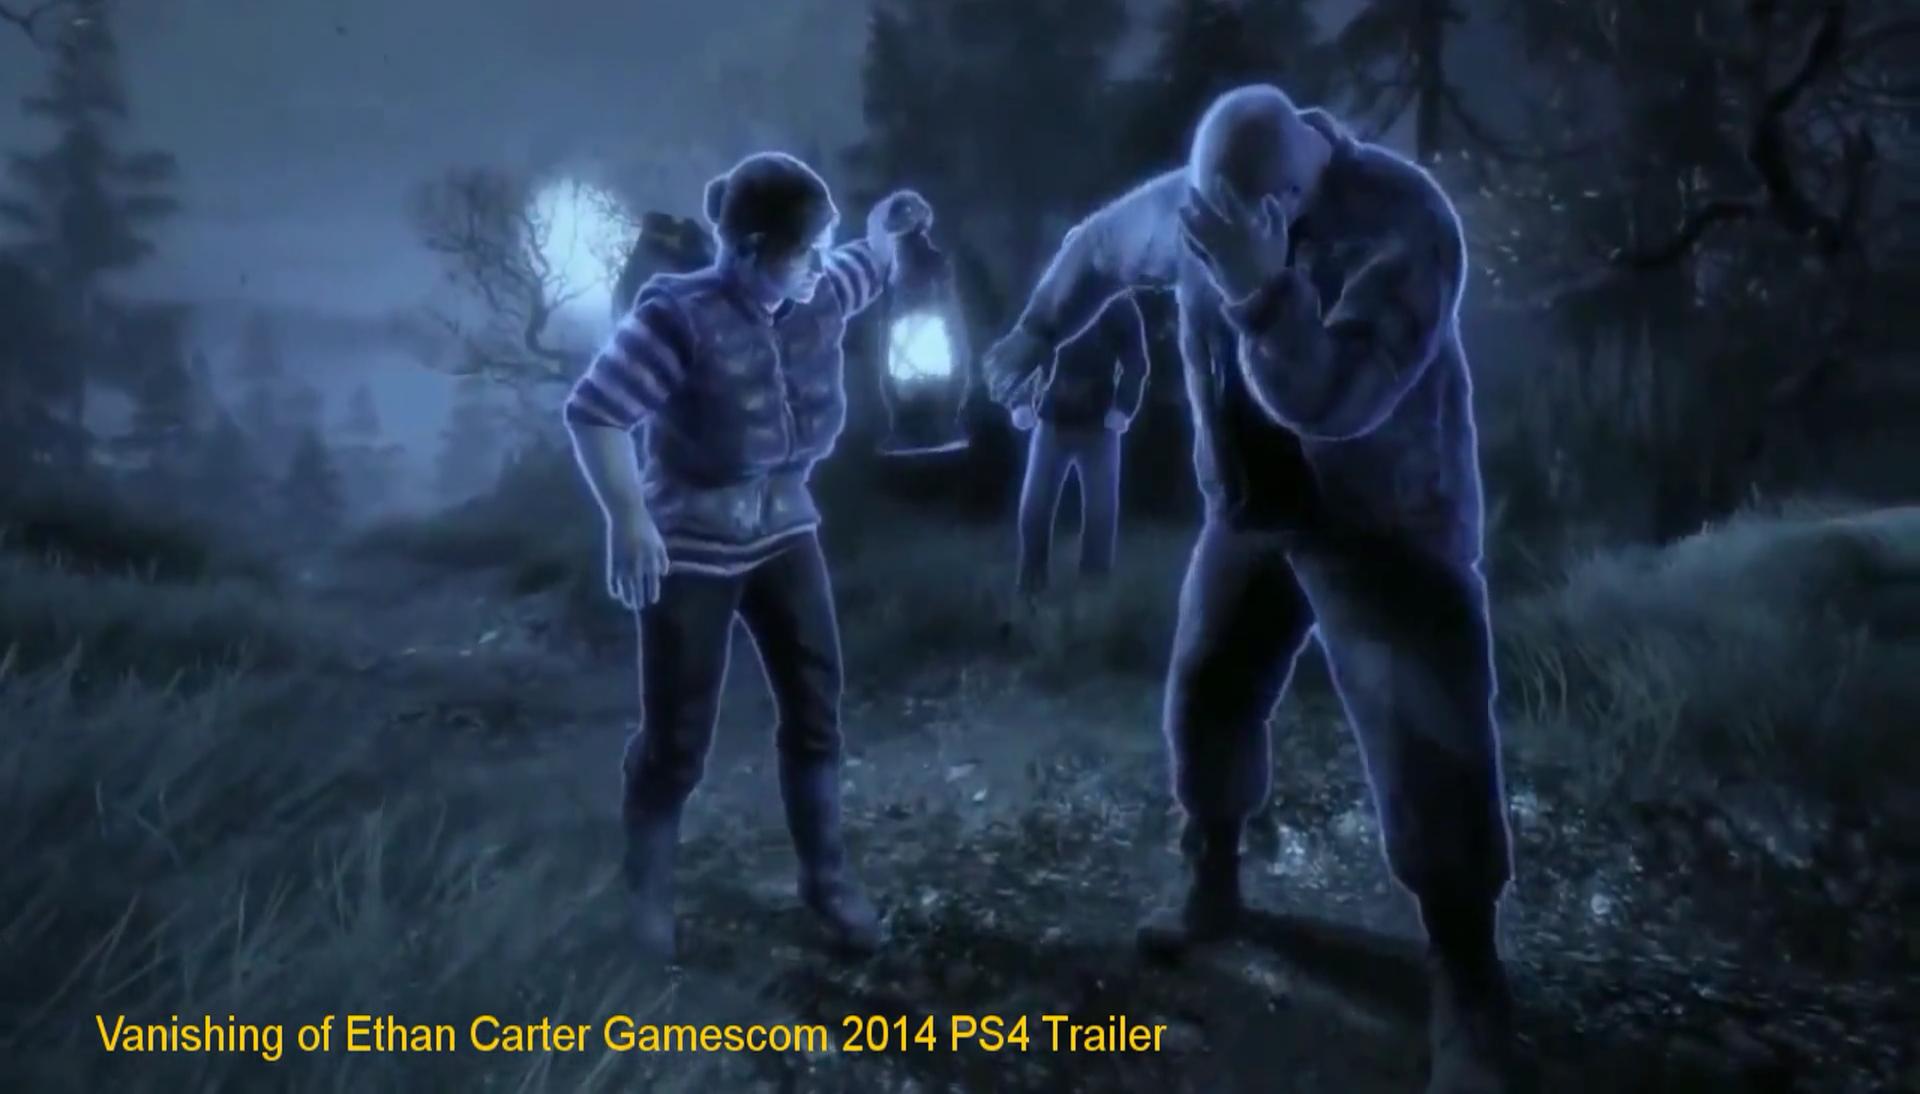 Сильное УХУДШЕНИЕ ГРАФИКИ PS4-версии The Vanishing of Ethan Carter.. - Изображение 2